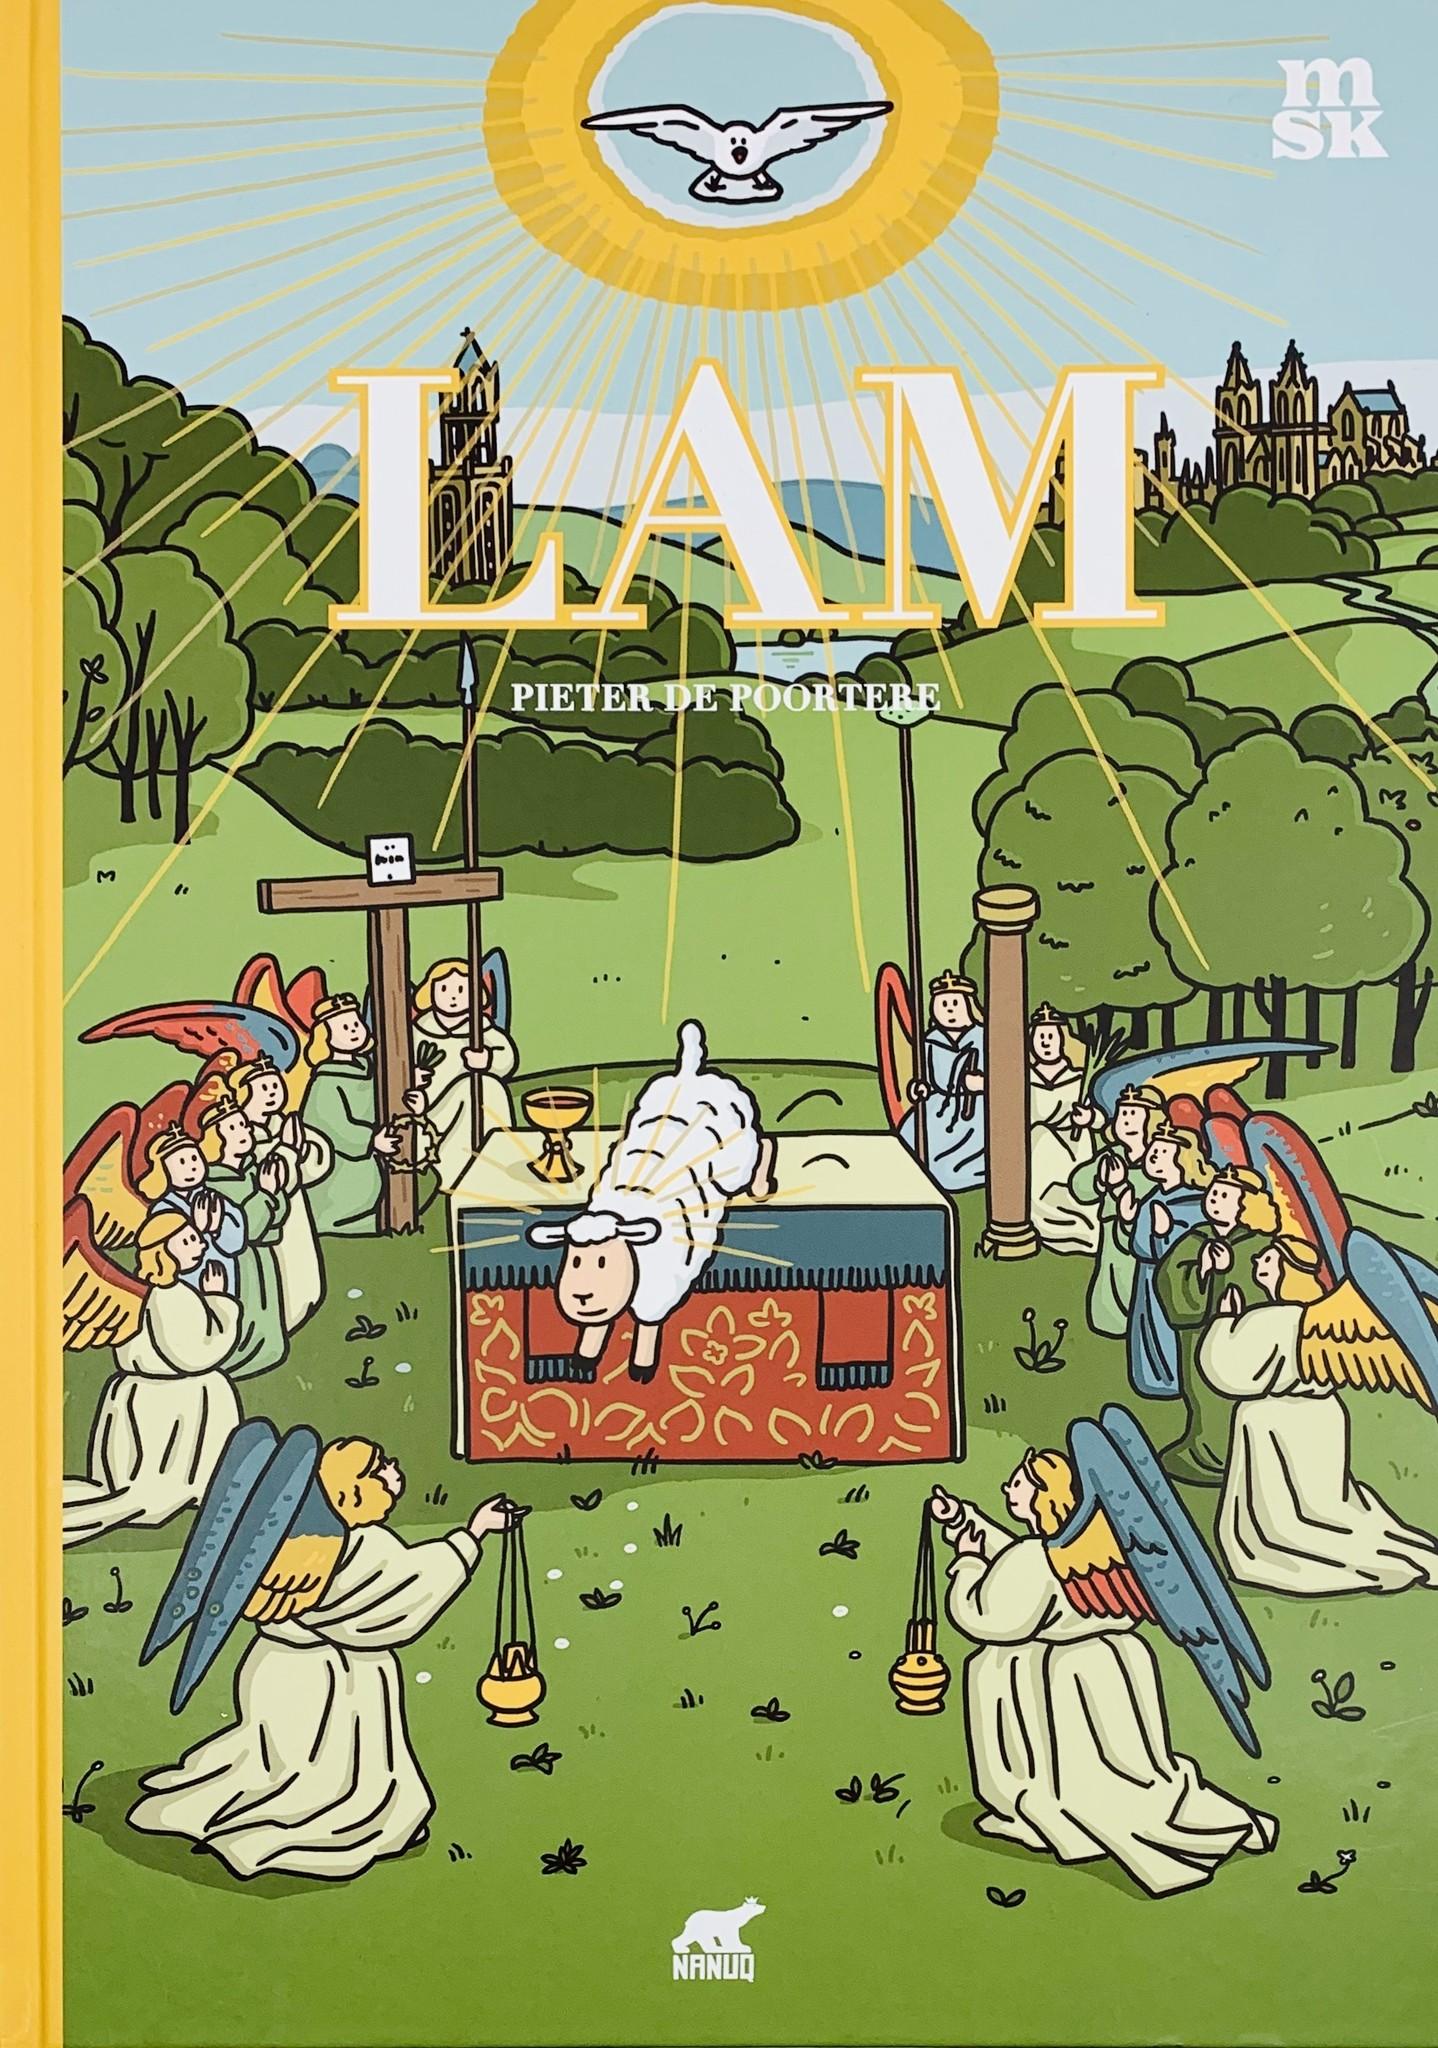 Pieter De Poortere Lam (Lamb) - Pieter De Poortere